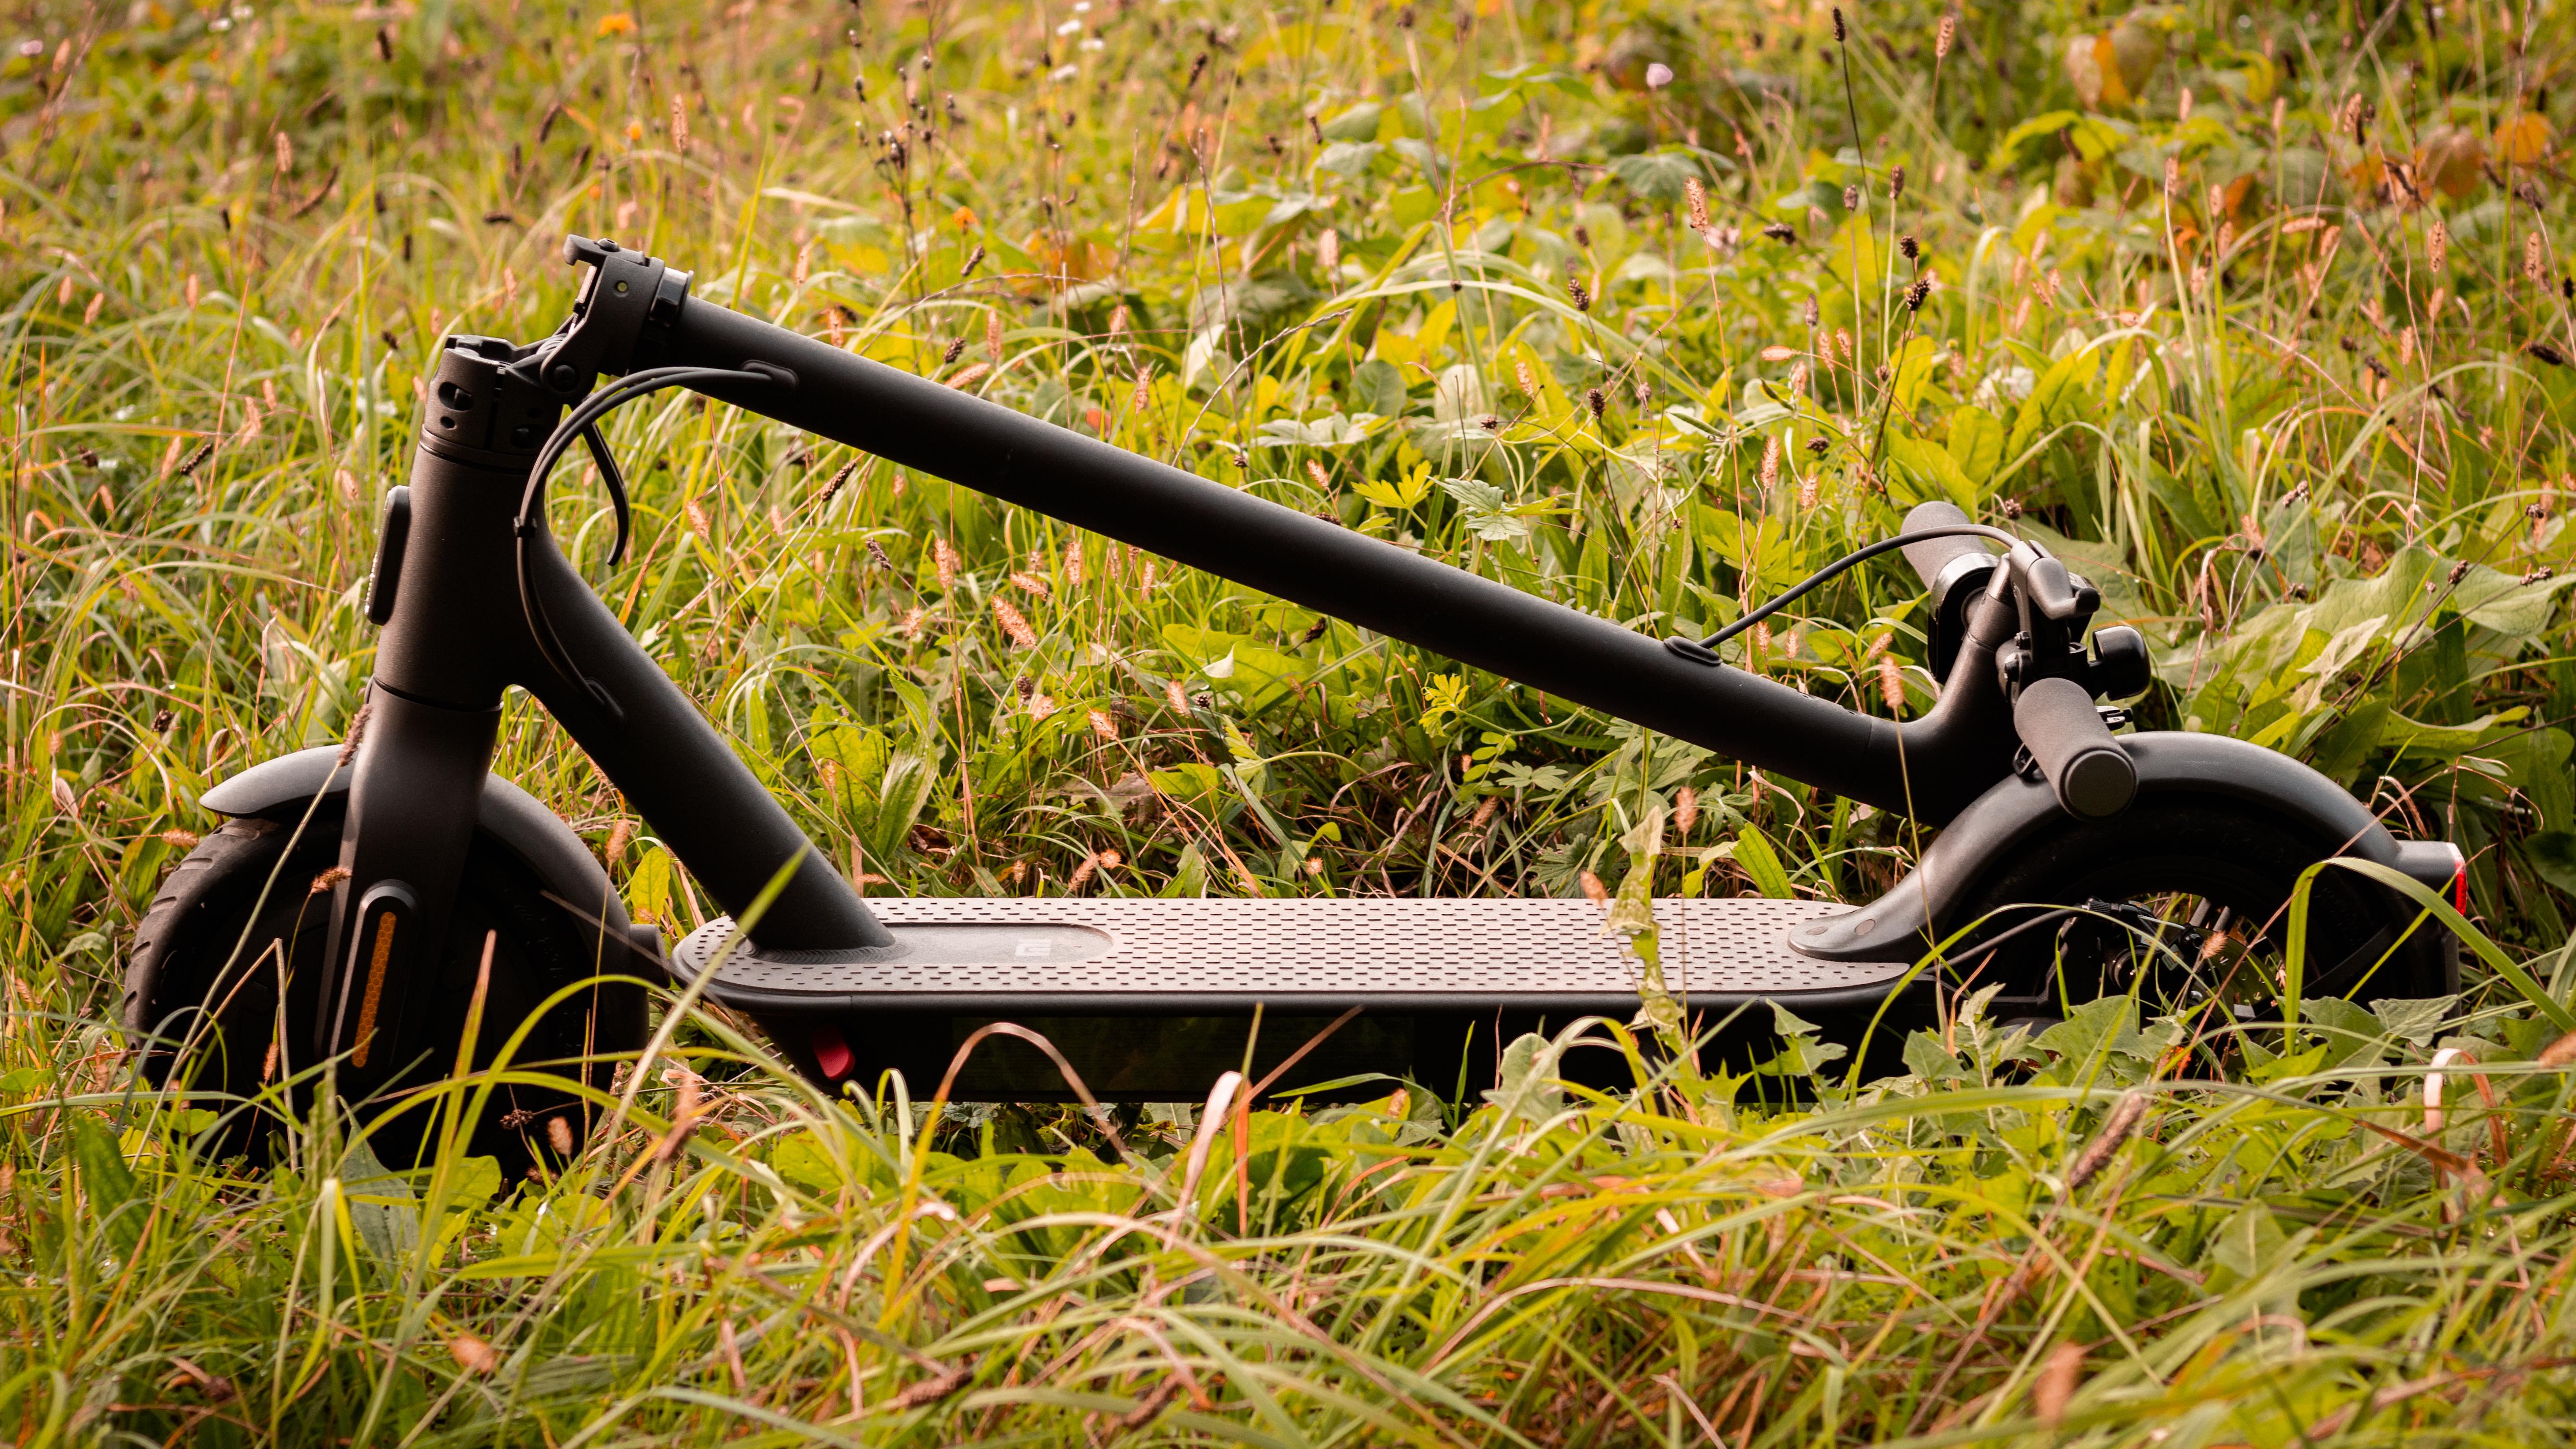 Recenzja Xiaomi Mi Electric Scooter Essential. Tanio i dobrze?